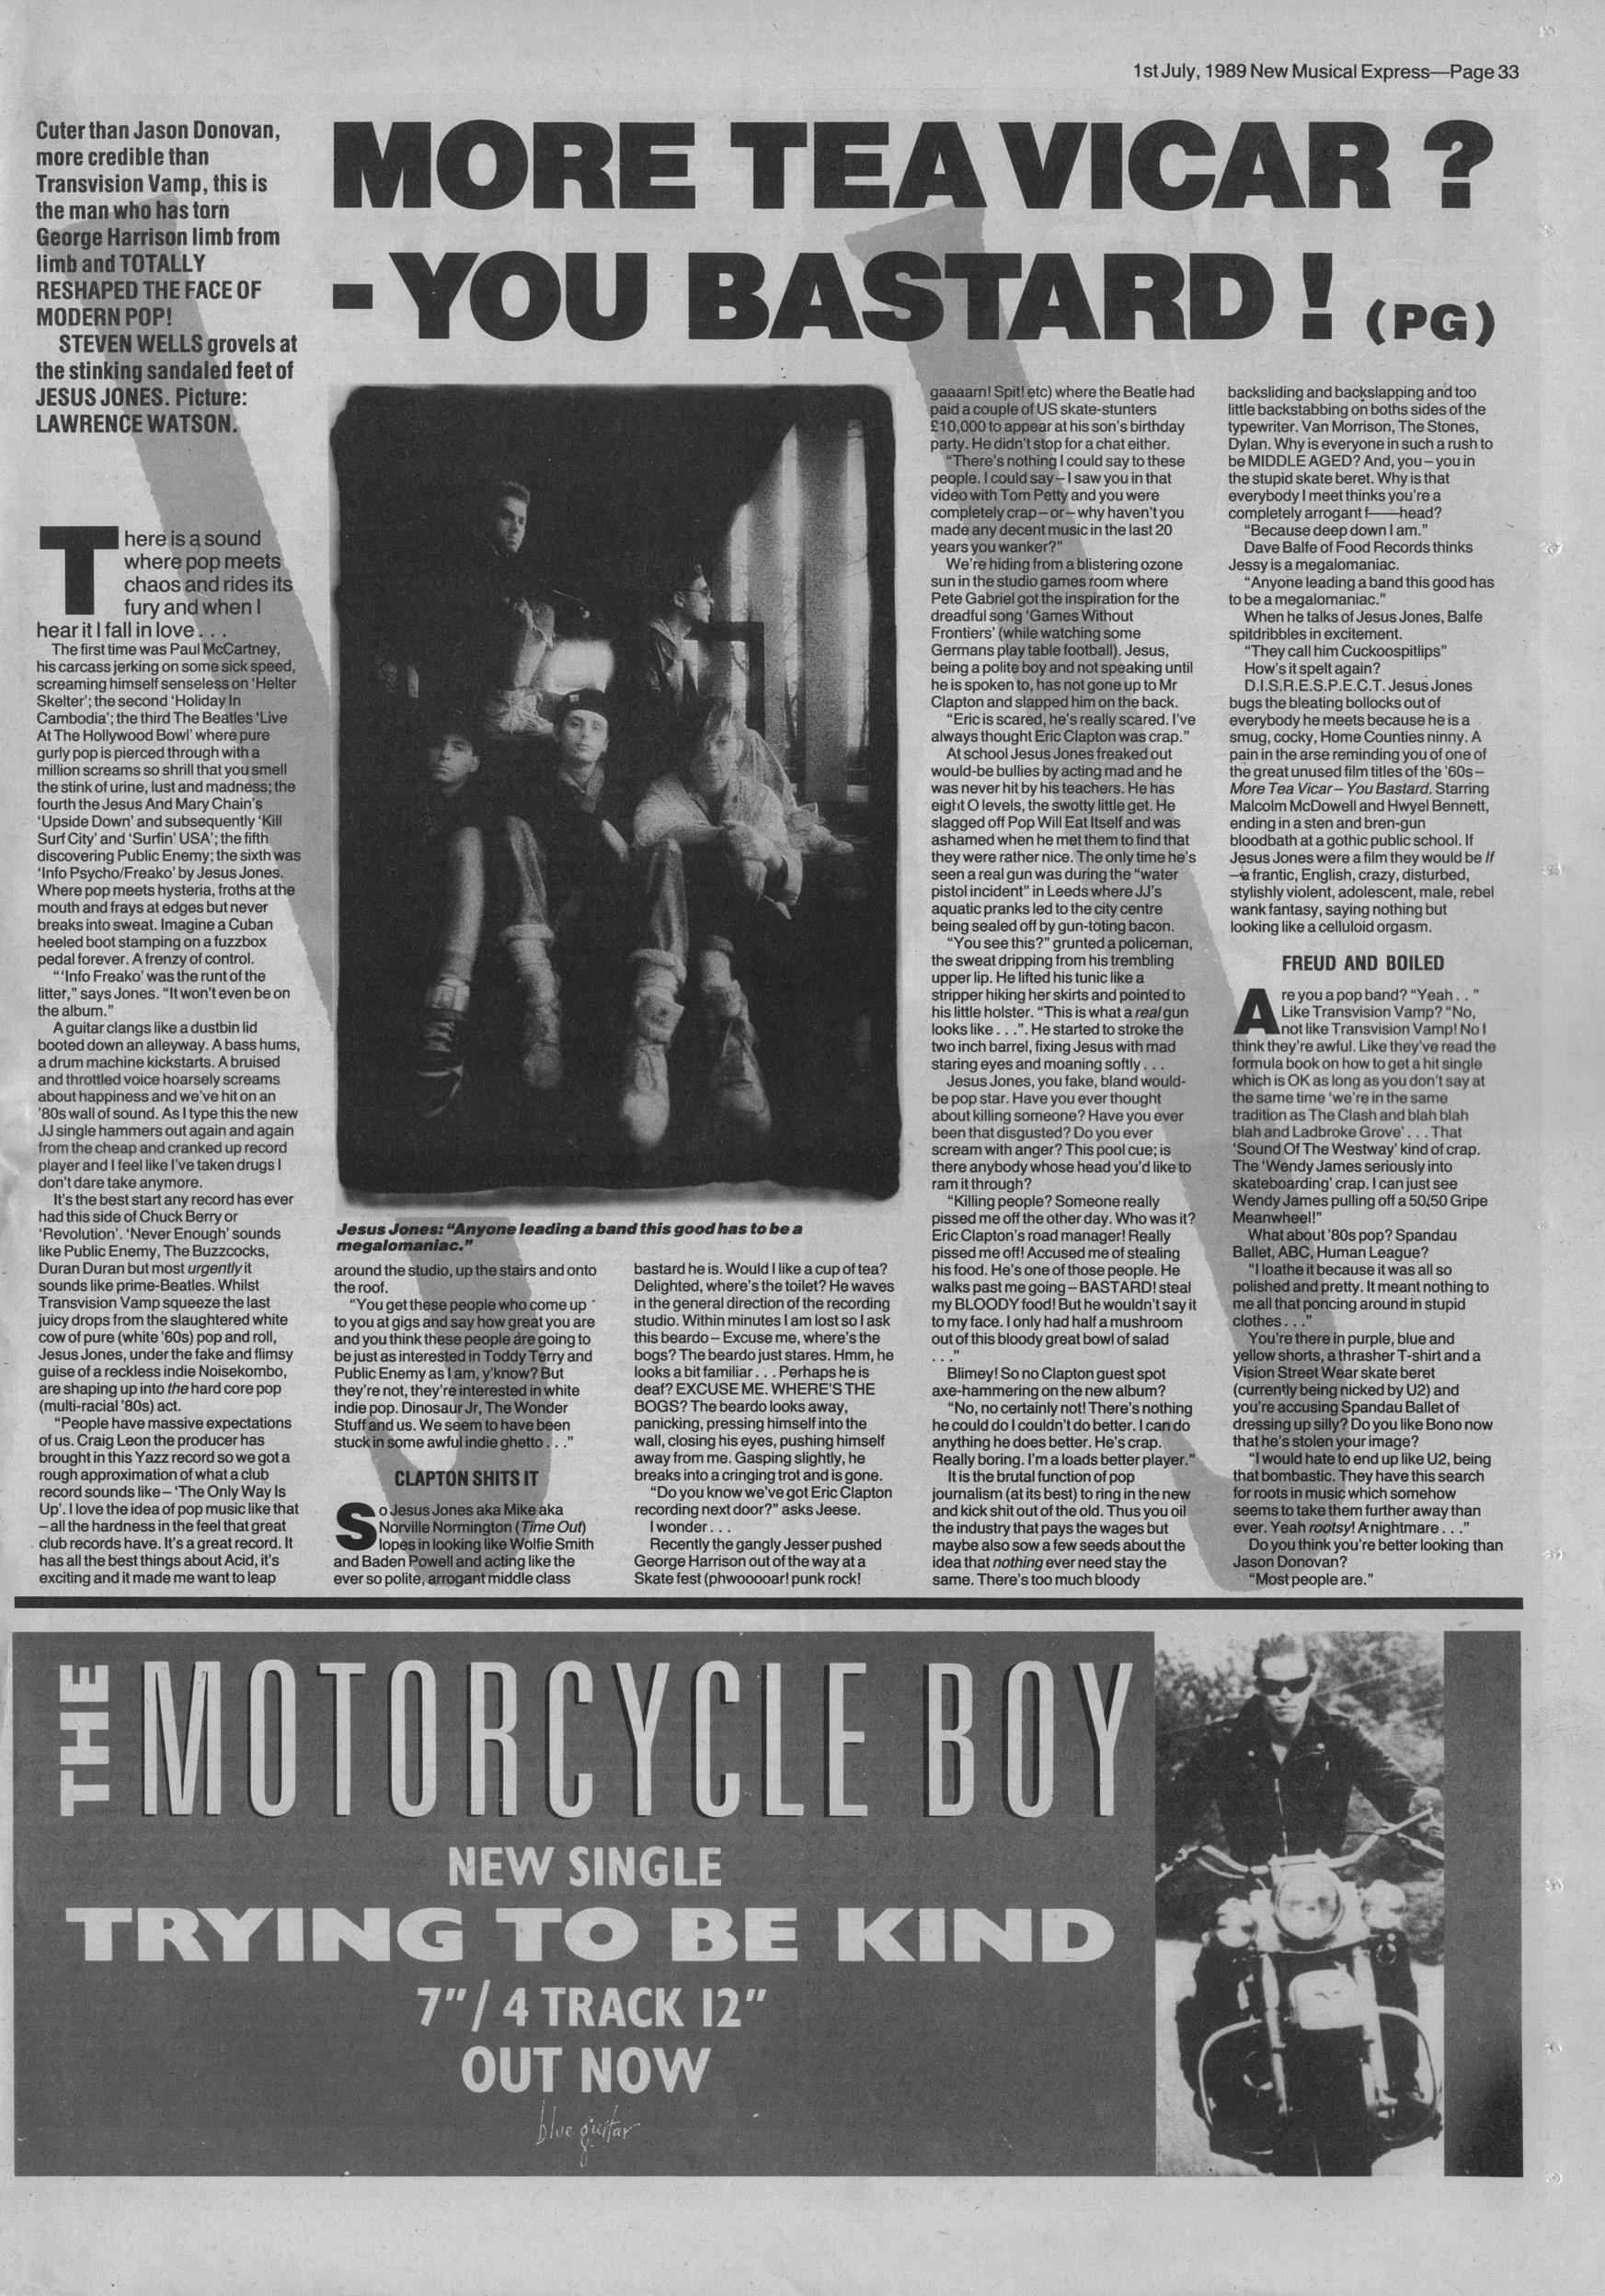 Steven Wells interviews Jesus Jones, 1st July 1989